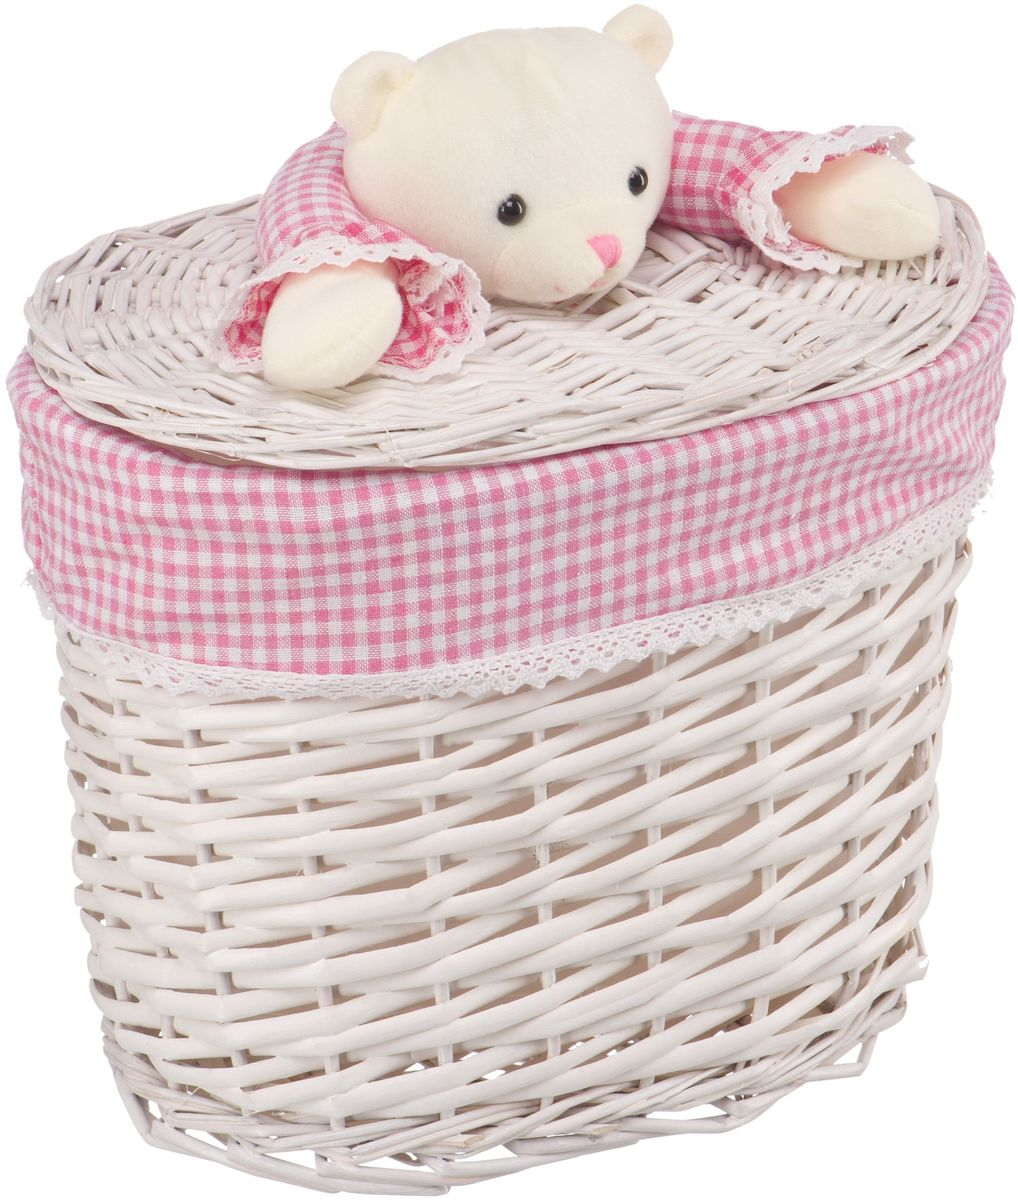 Корзина для белья Natural House Медвежонок, цвет: молочный, розовый, 33 x 21 x 28 см корзина для белья natural house медвежонок 33 21 28 см